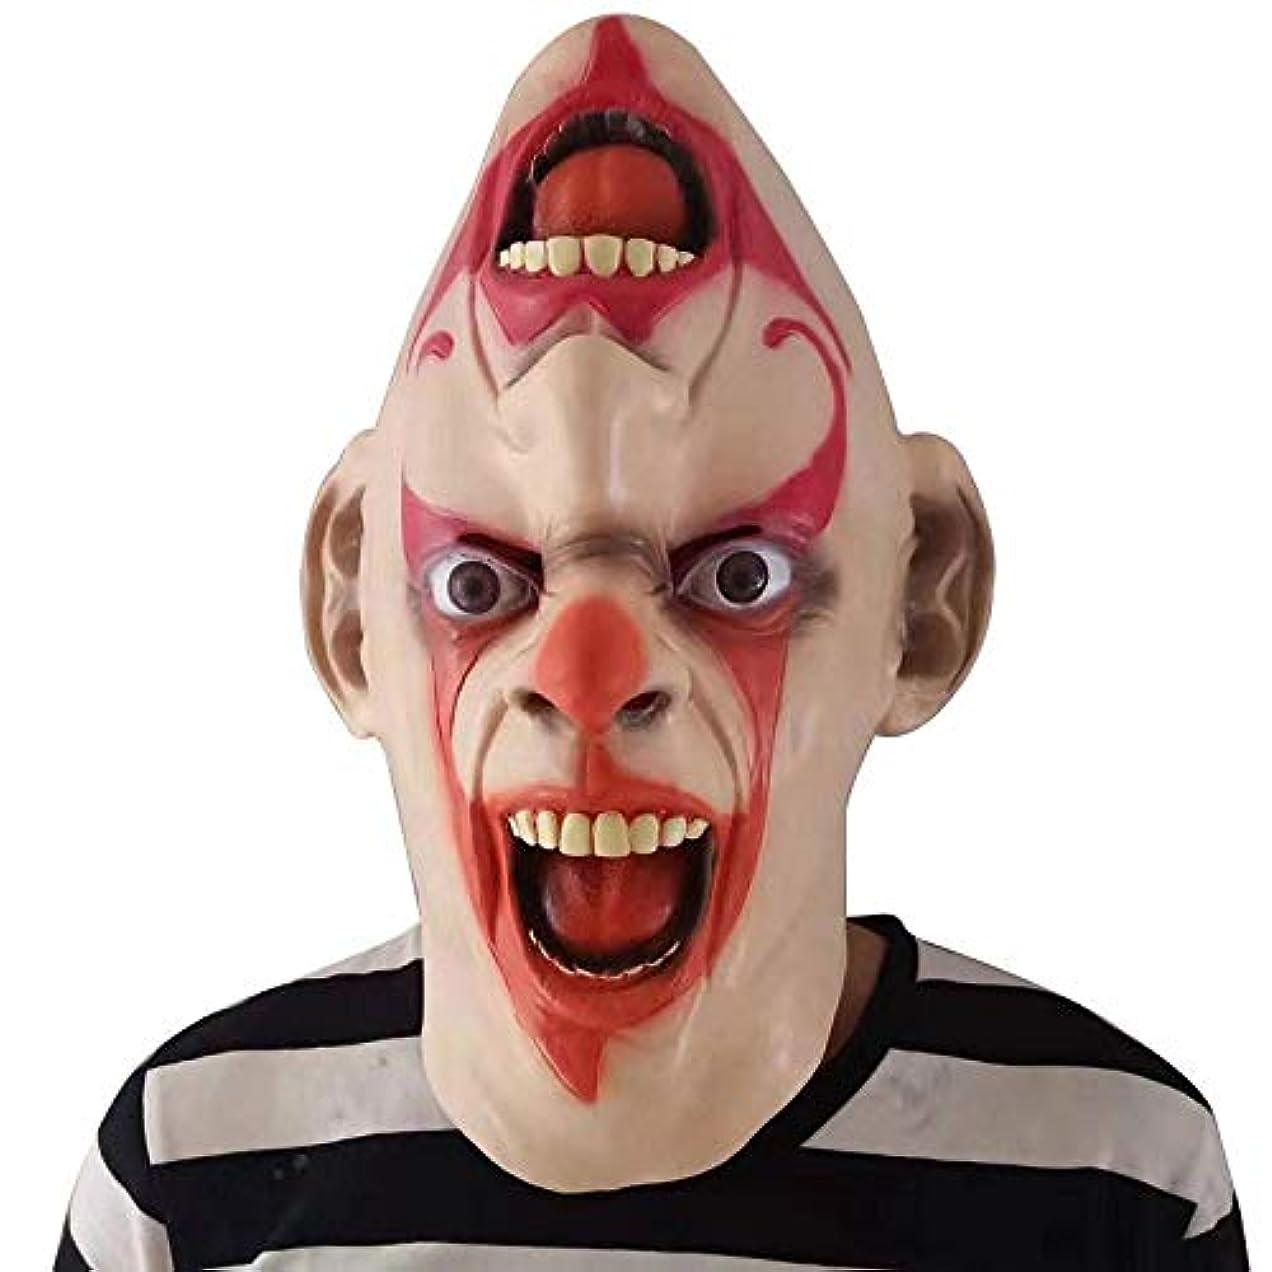 作詞家違法争いホラーダウンピエロはハロウィーンカーニバルラテックスヘッドセットお化け屋敷シークレットルーム小道具の装飾デザインマスク